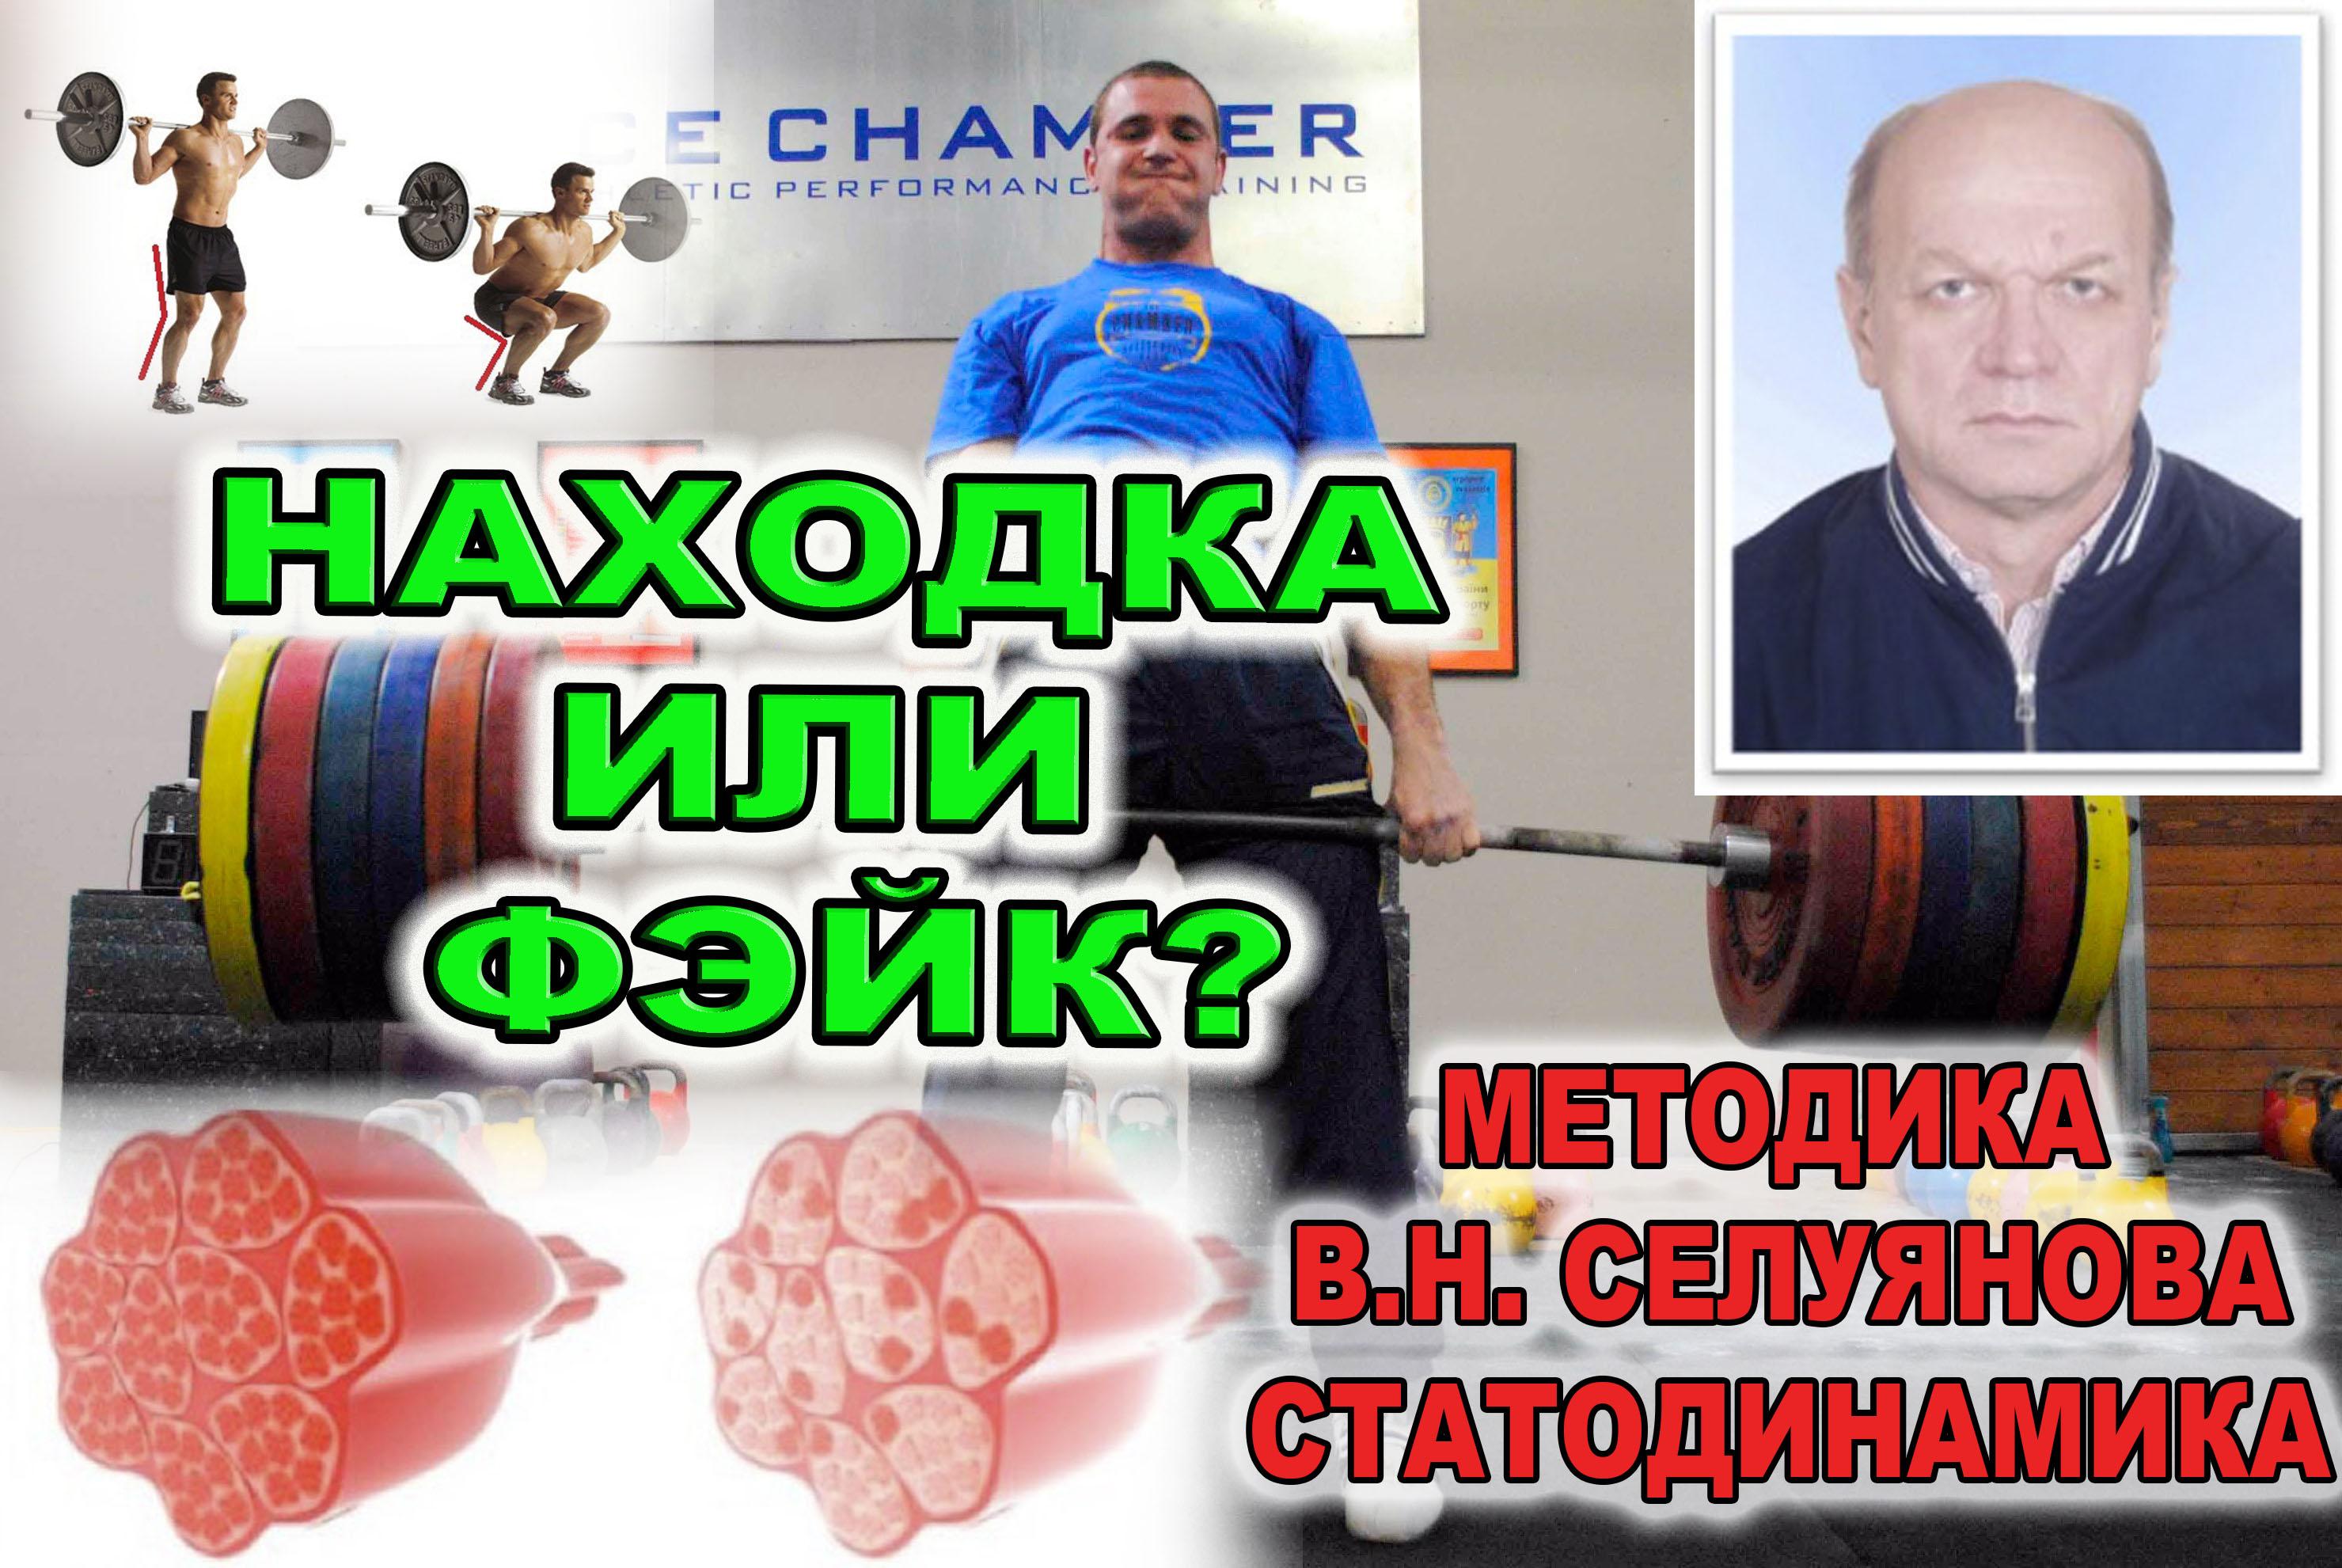 Статодинамика в функциональном тренинге и гиревом спорте.